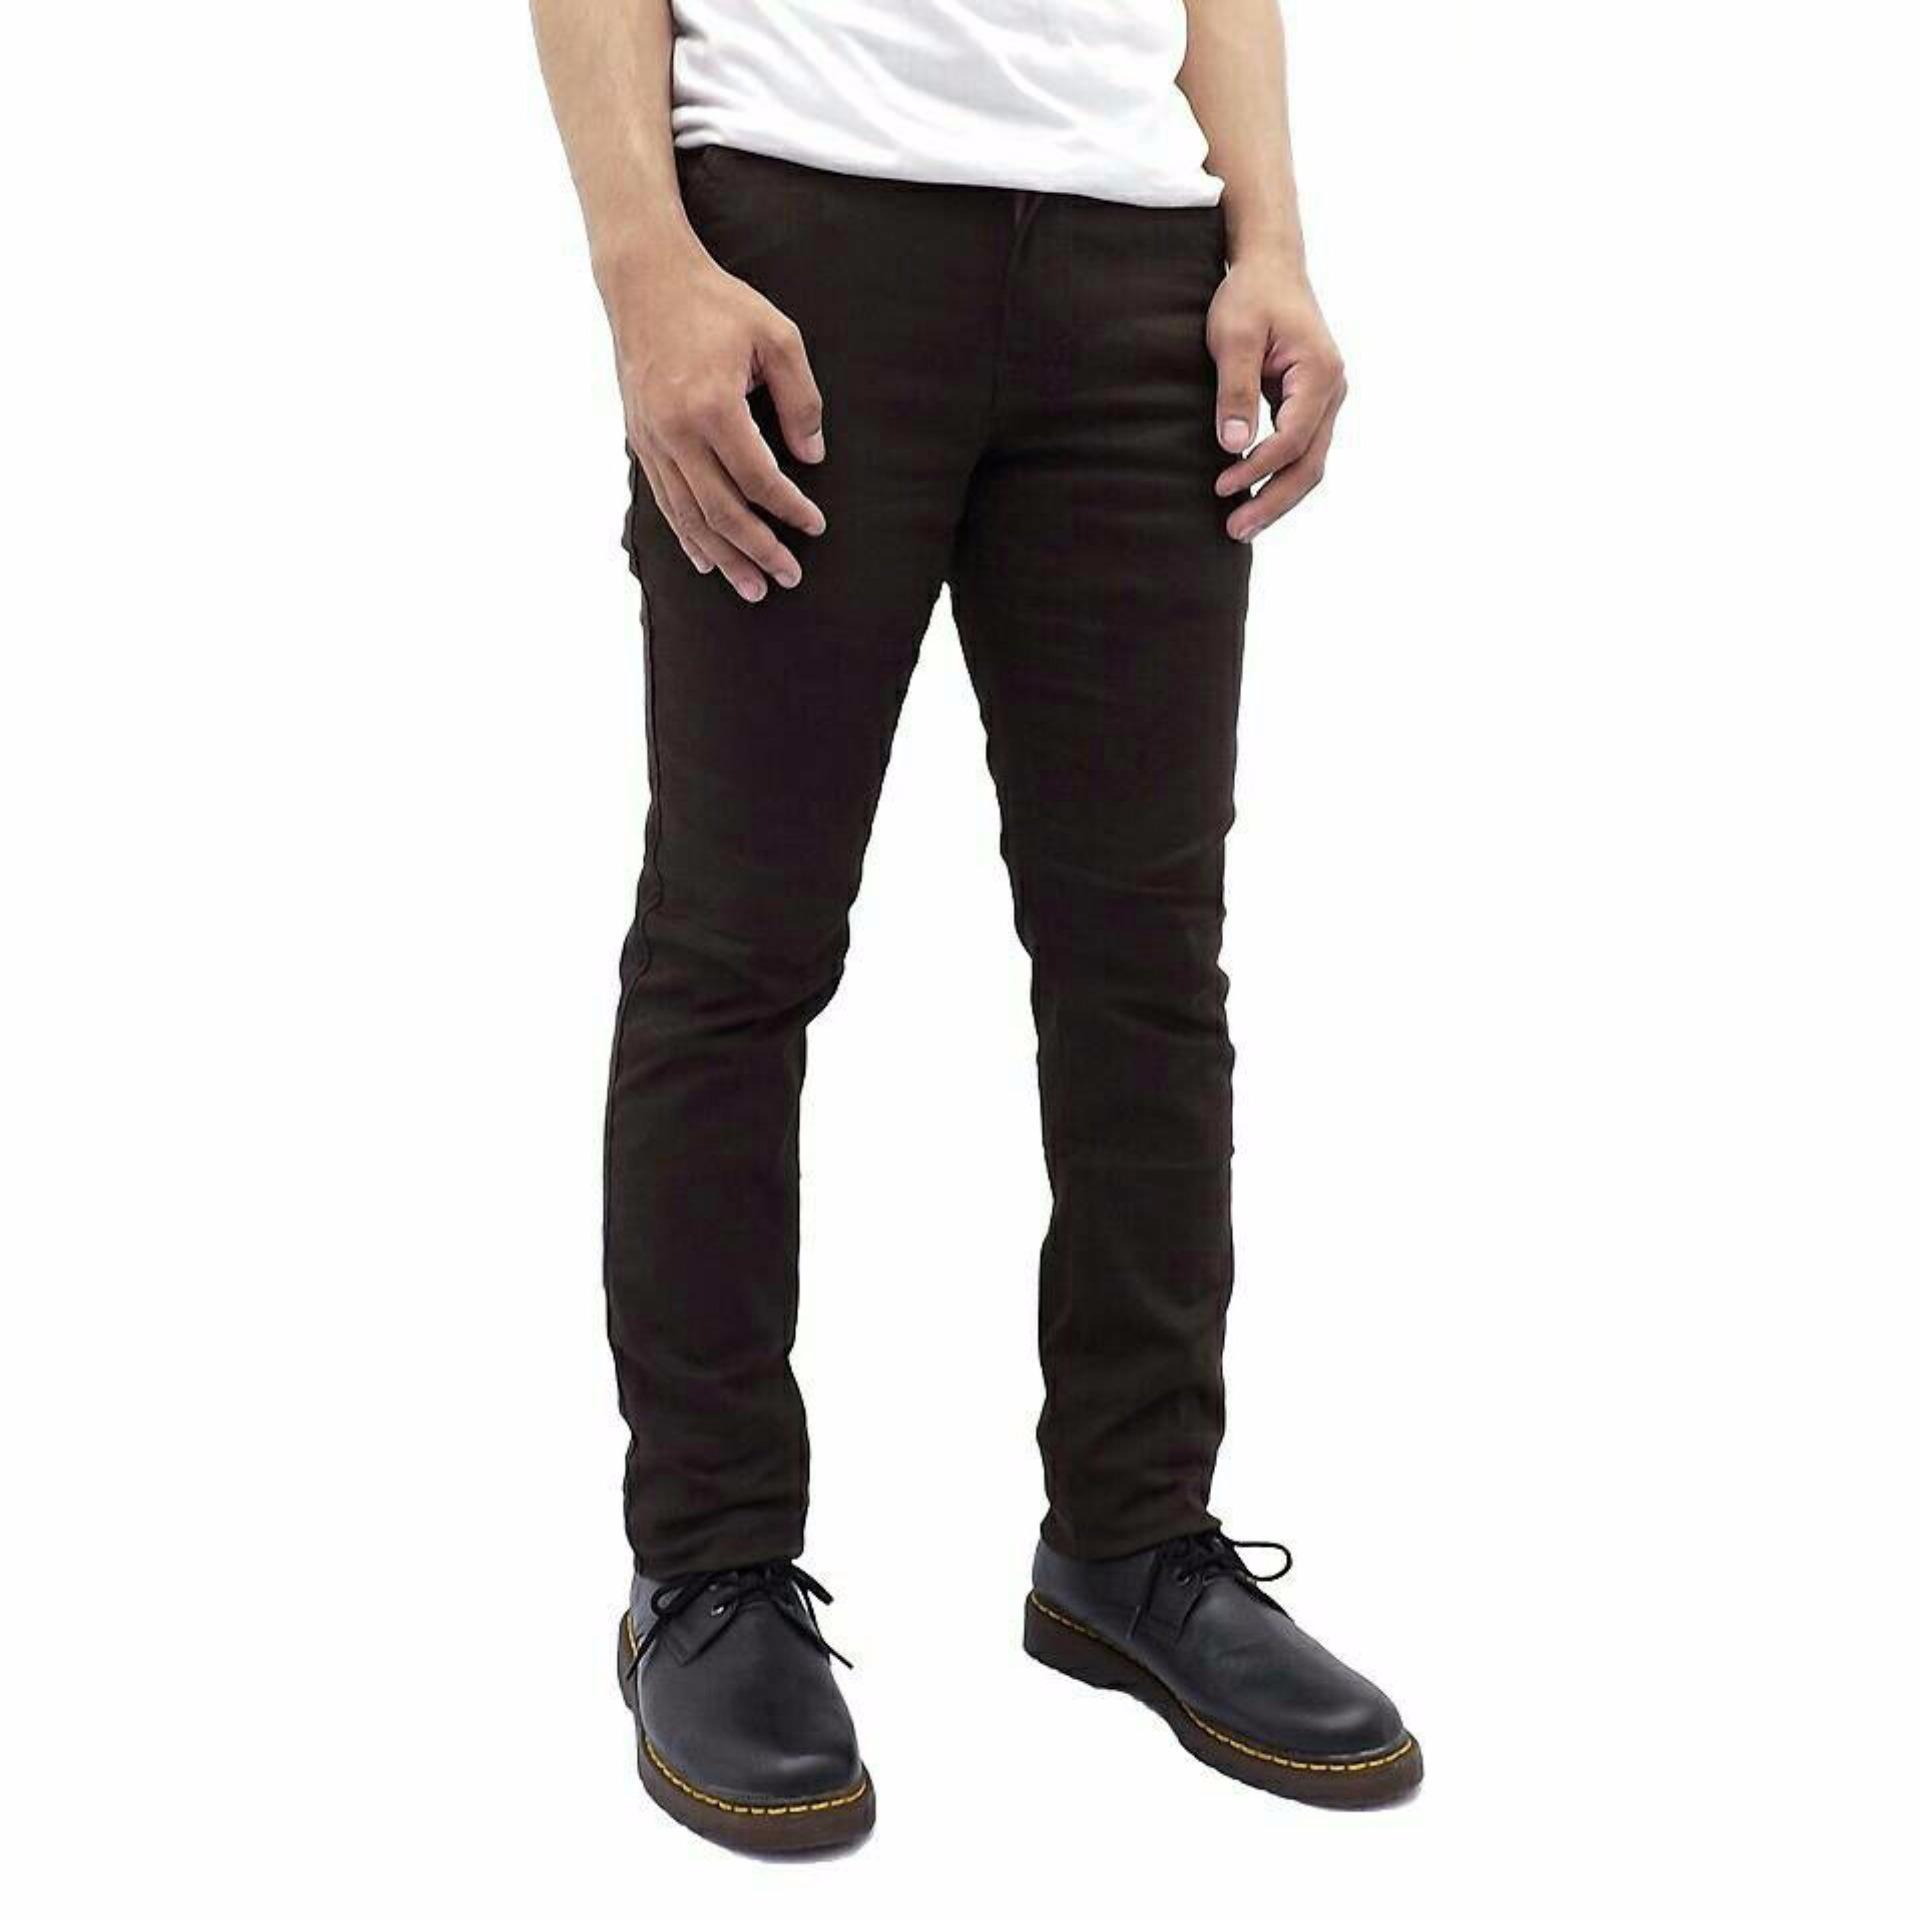 Ard Celana Kargo Panjang Brown Cokelat Tua Daftar Harga Penjualan Lois Jeans Original Chino Pria Cfsk001b 30 Premium Dark